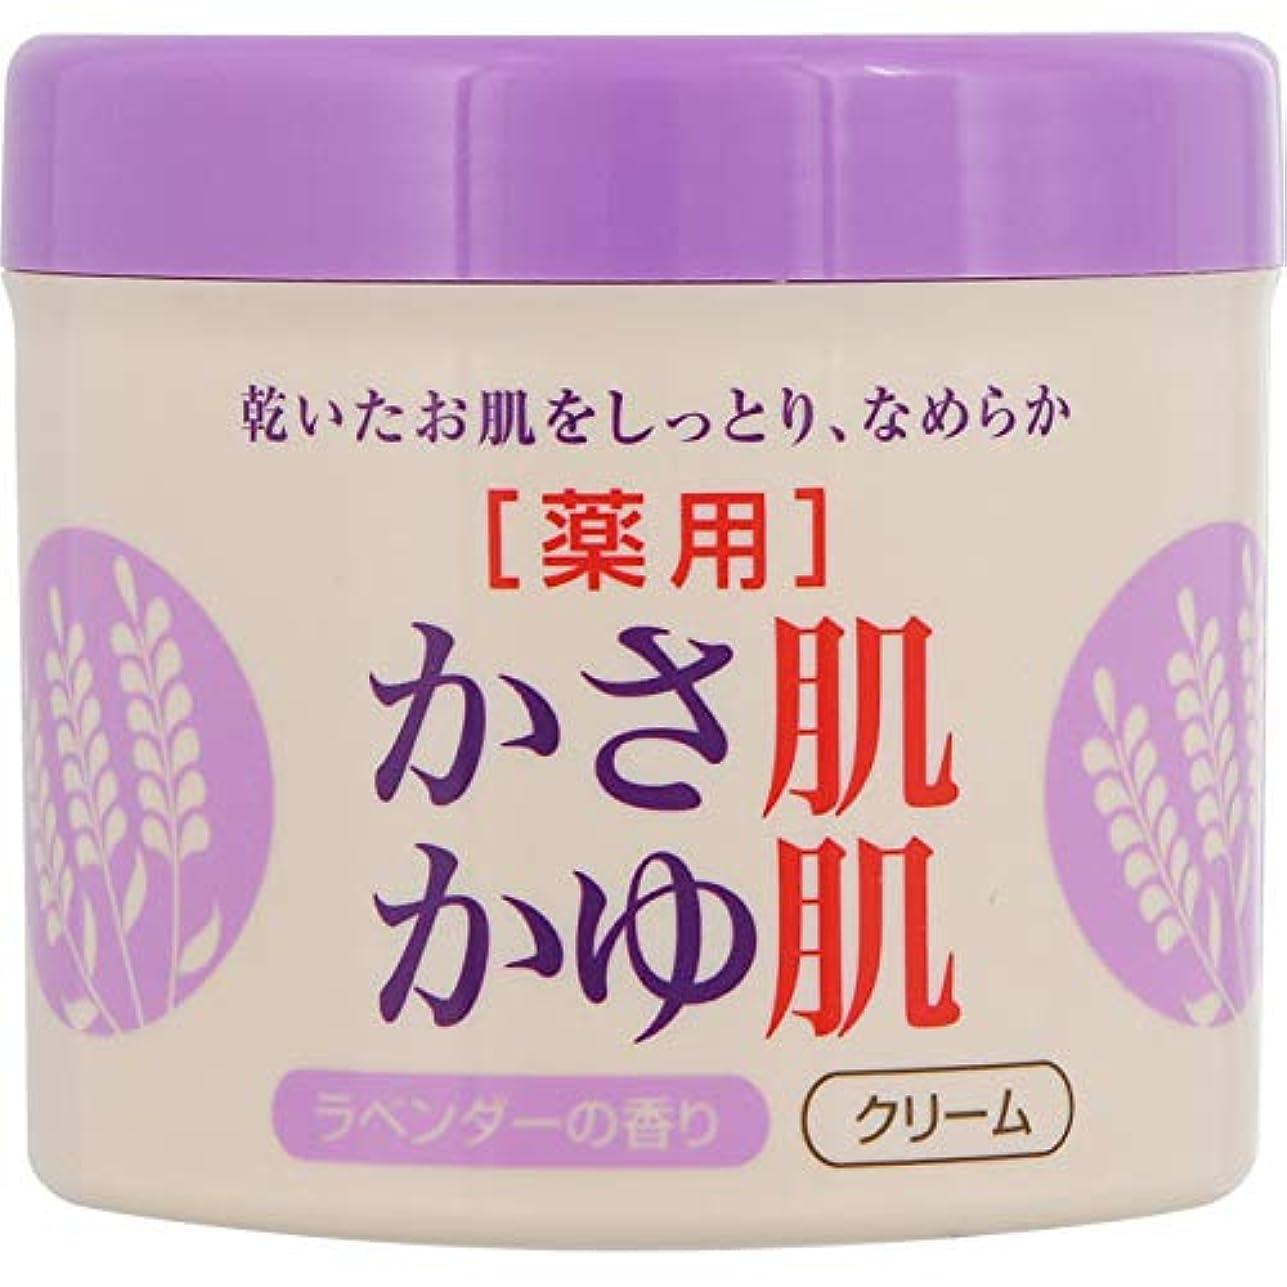 懸念指紋柔らかさMK 薬用かさ肌かゆ肌ミルキークリーム ラベンダー 280g (医薬部外品)